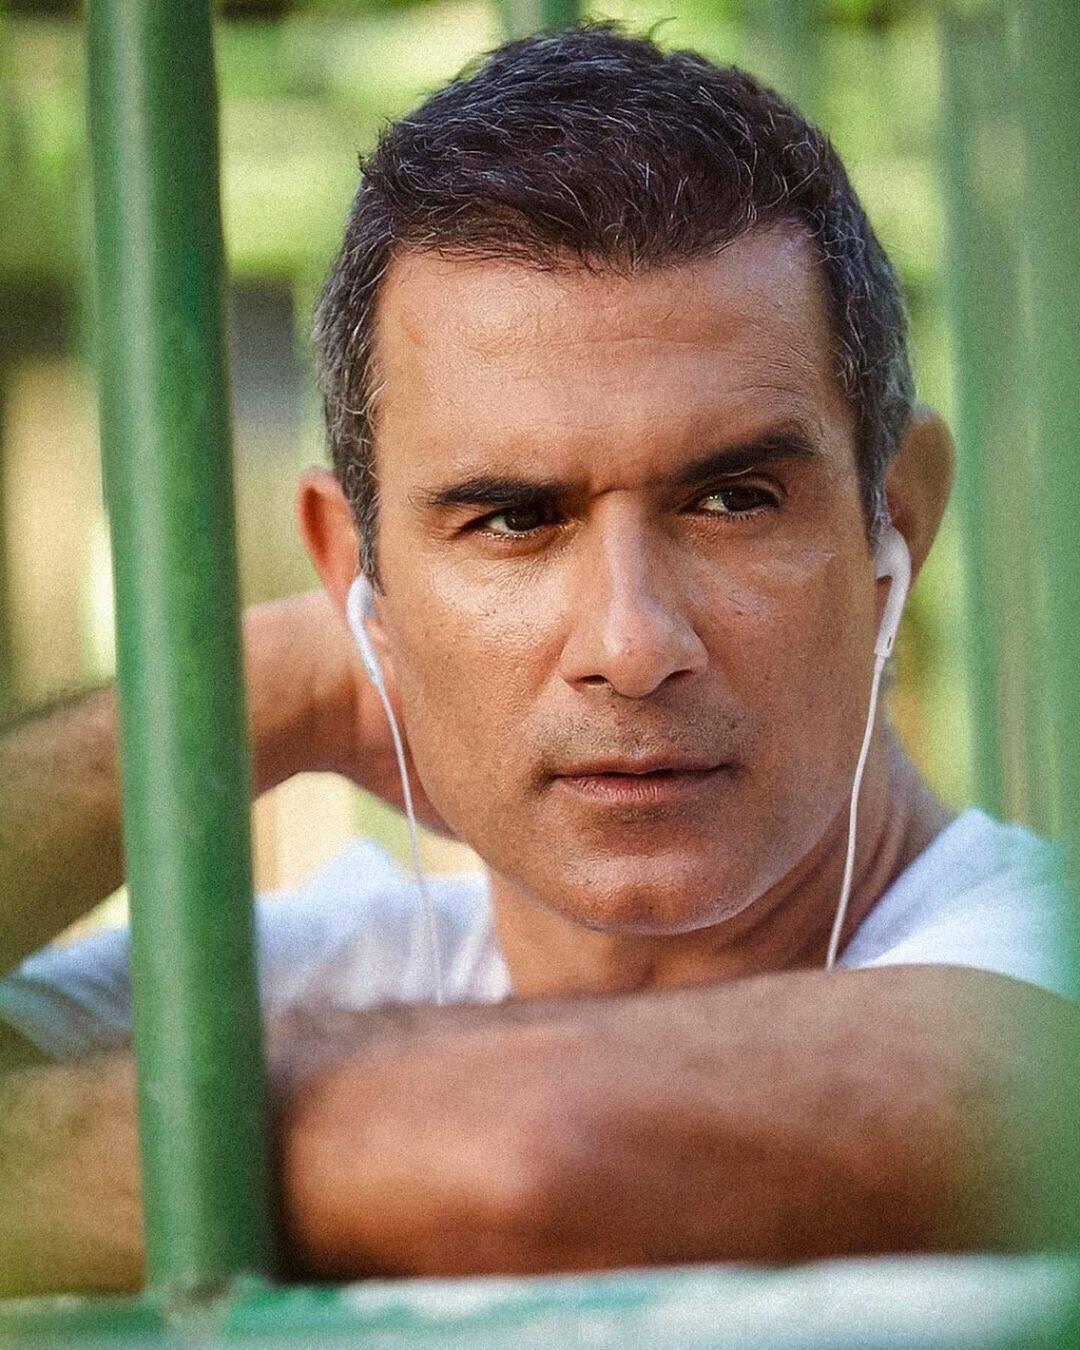 Marcos Pasquim se incomodava com as entradas que tinha na cabeça e recorreu ao transplante capilar. (Foto: Instagram)